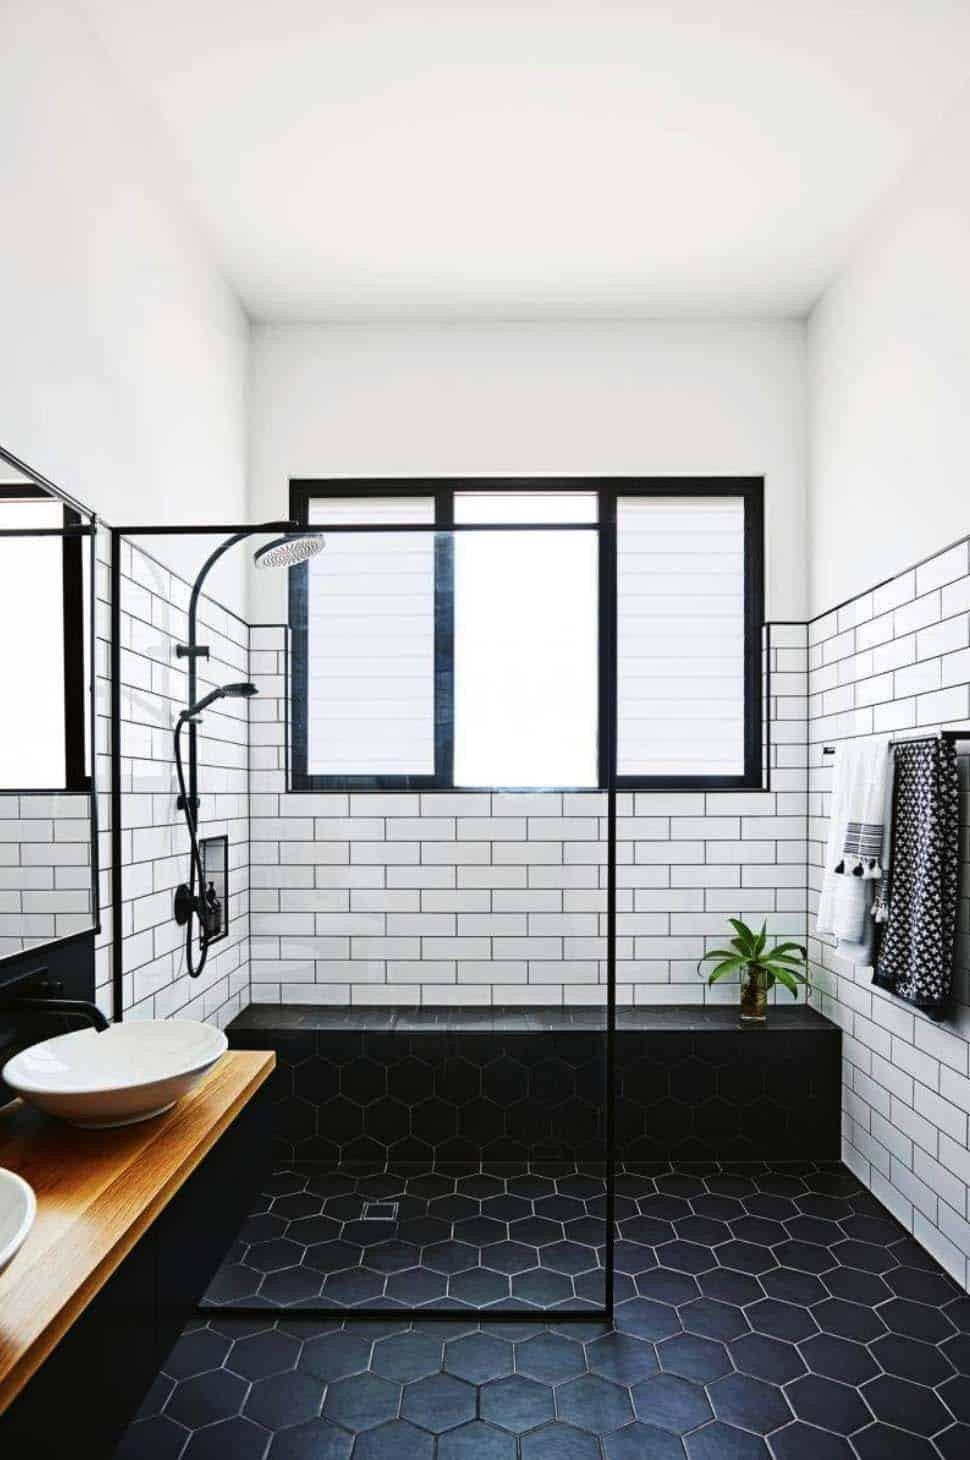 Black and White Bathroom Decor Lovely 25 Incredibly Stylish Black and White Bathroom Ideas to Inspire